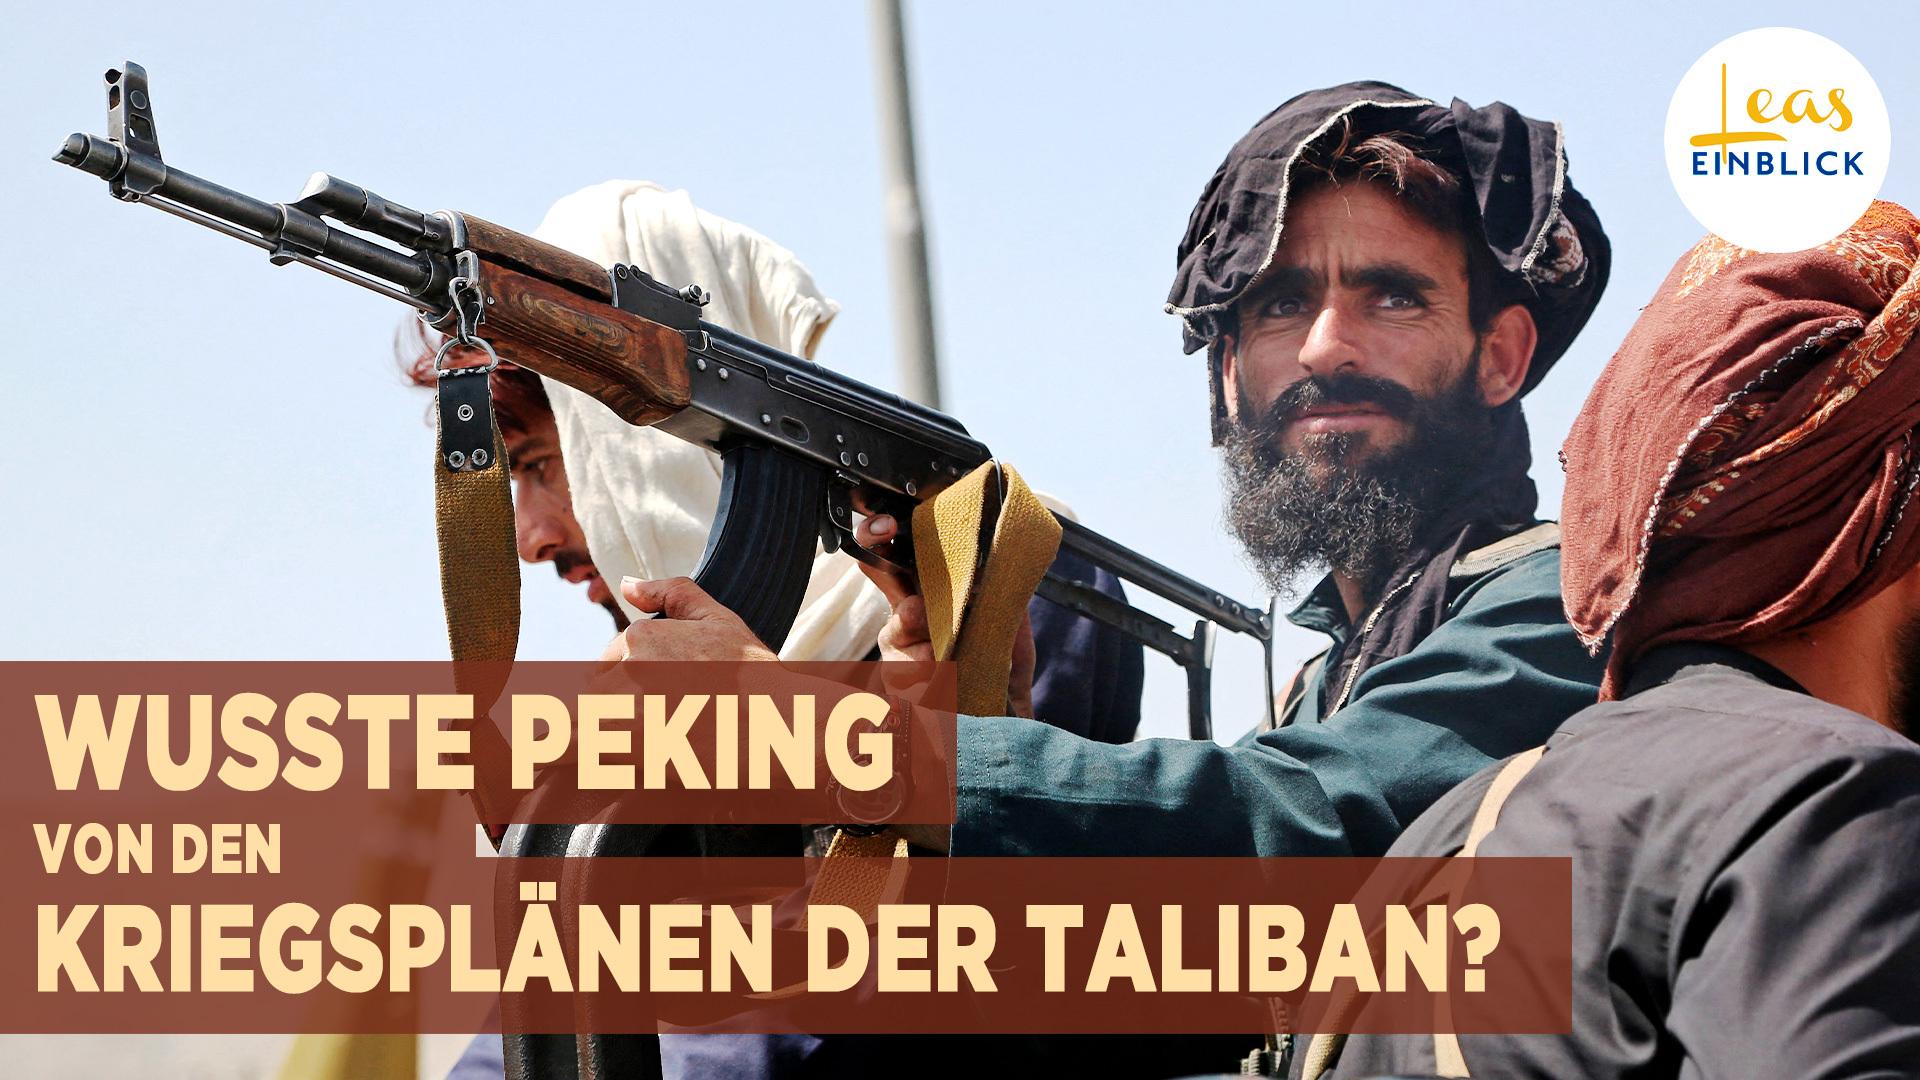 Wusste Peking von den Kriegsplänen der Taliban?